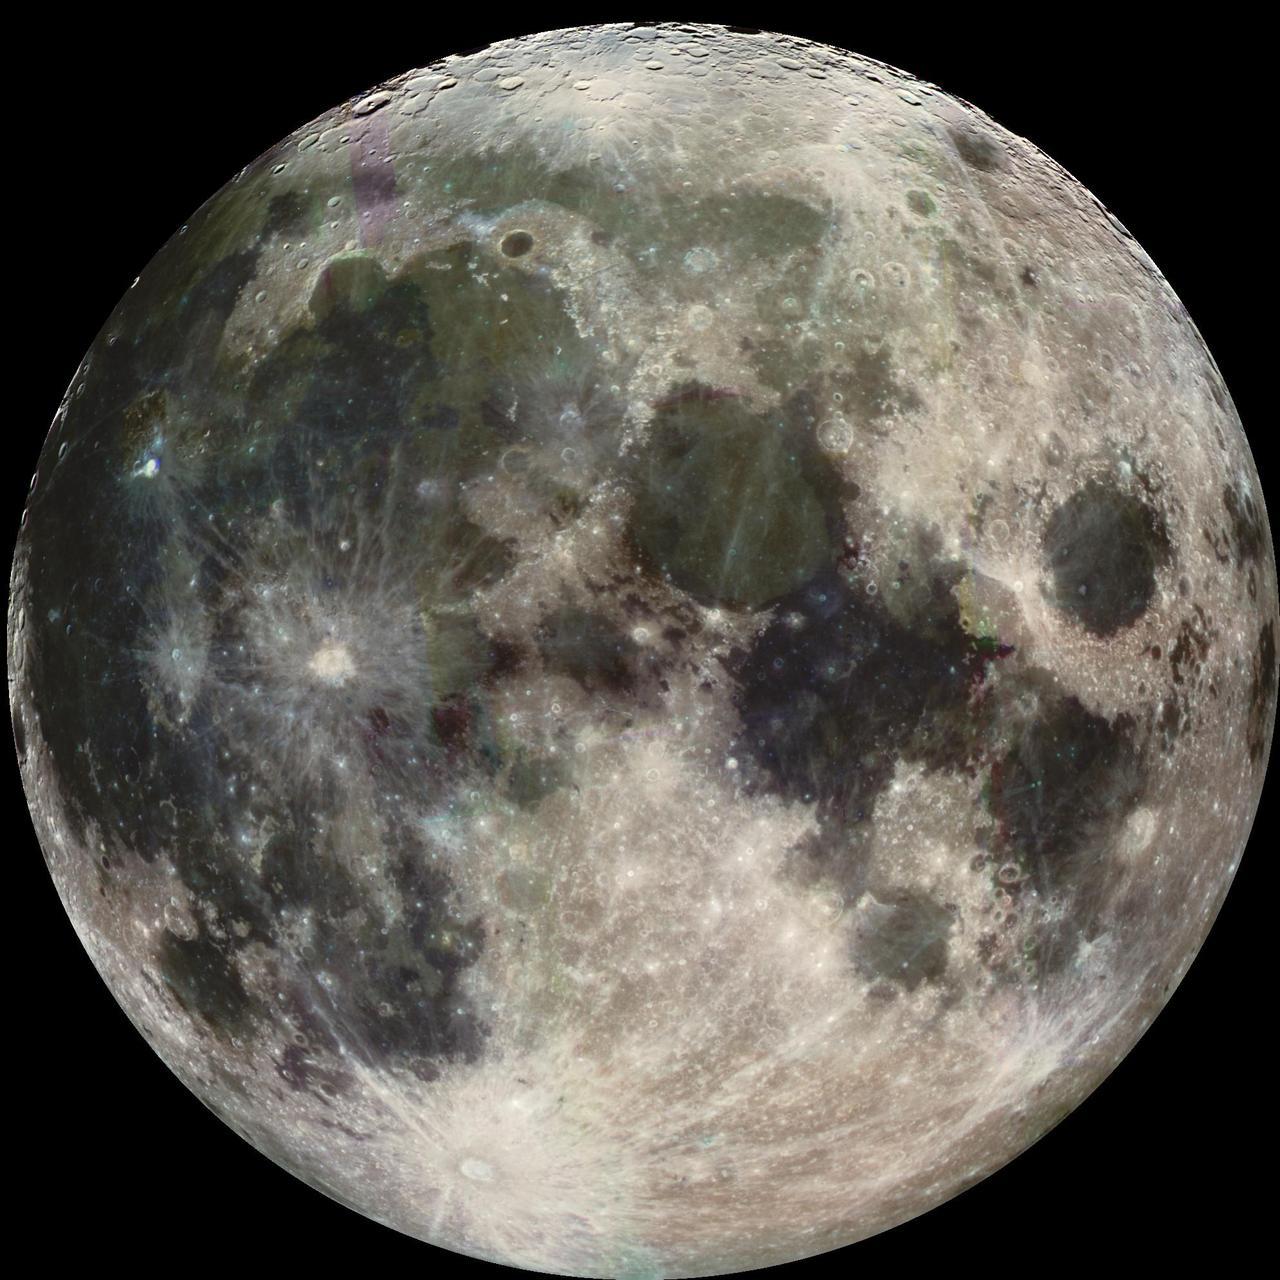 Jorden har en ny måne